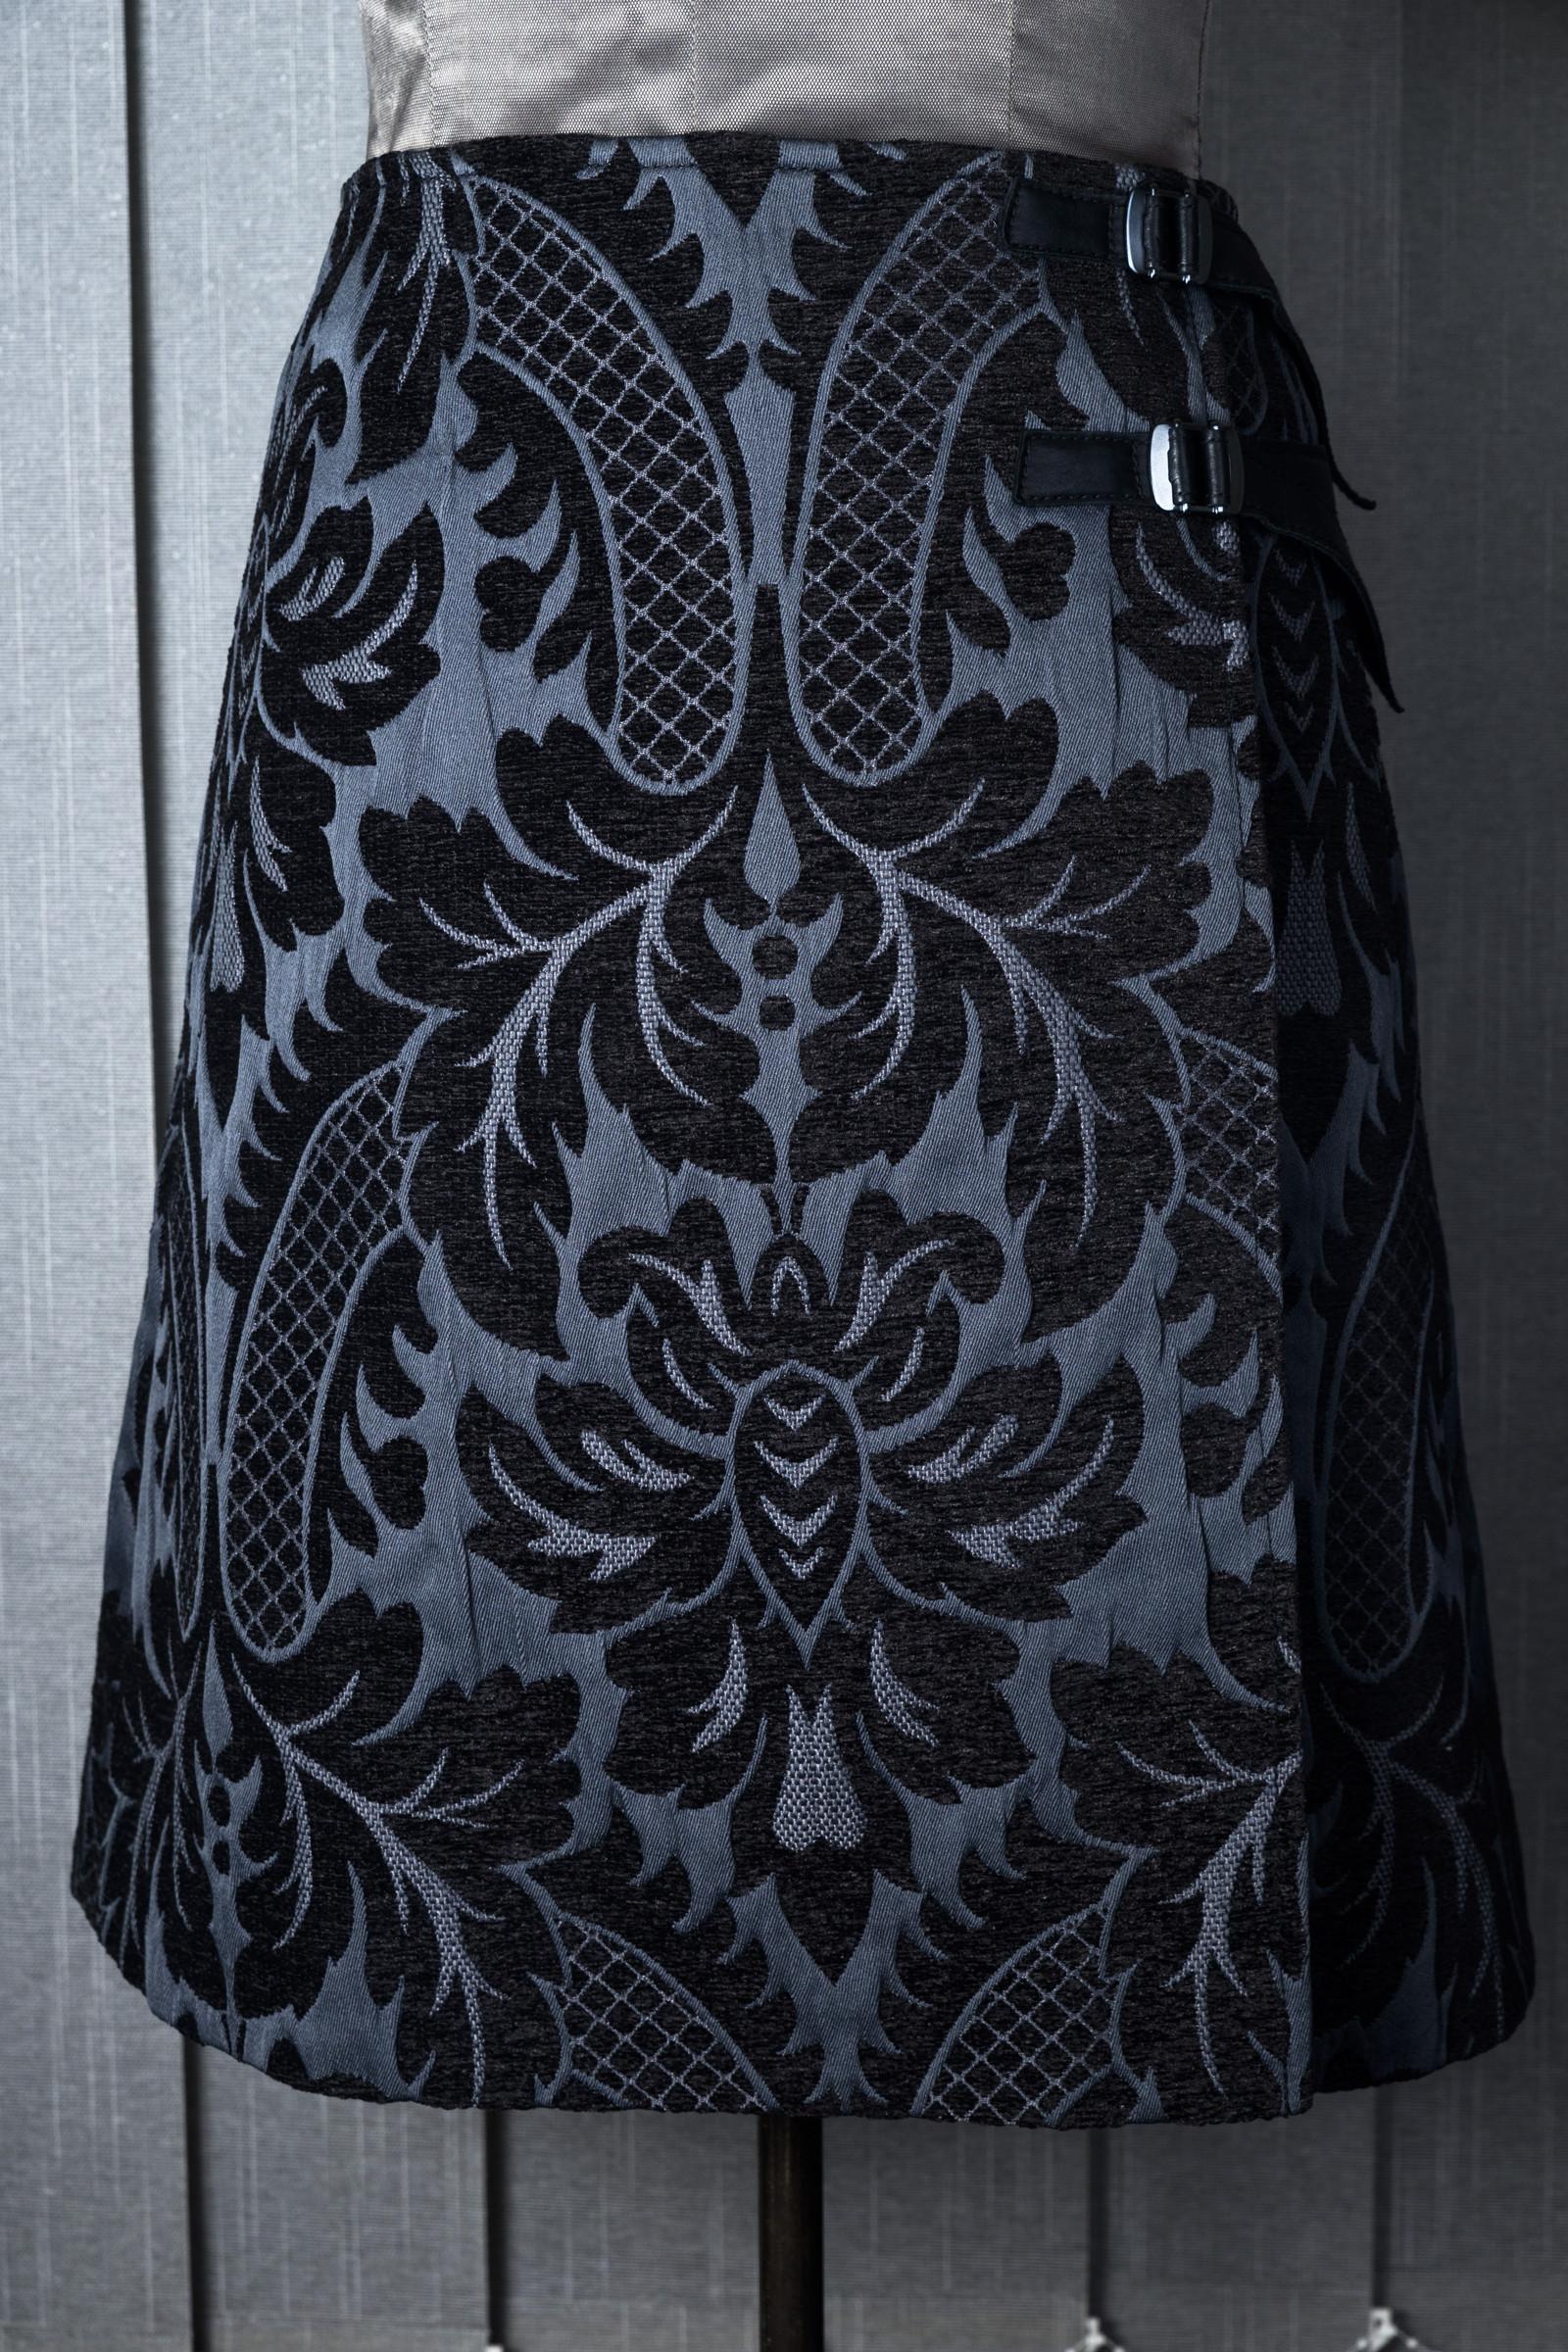 Dámská zavinovací sukně   Zboží prodejce STUDIO 99  c8d552de7c